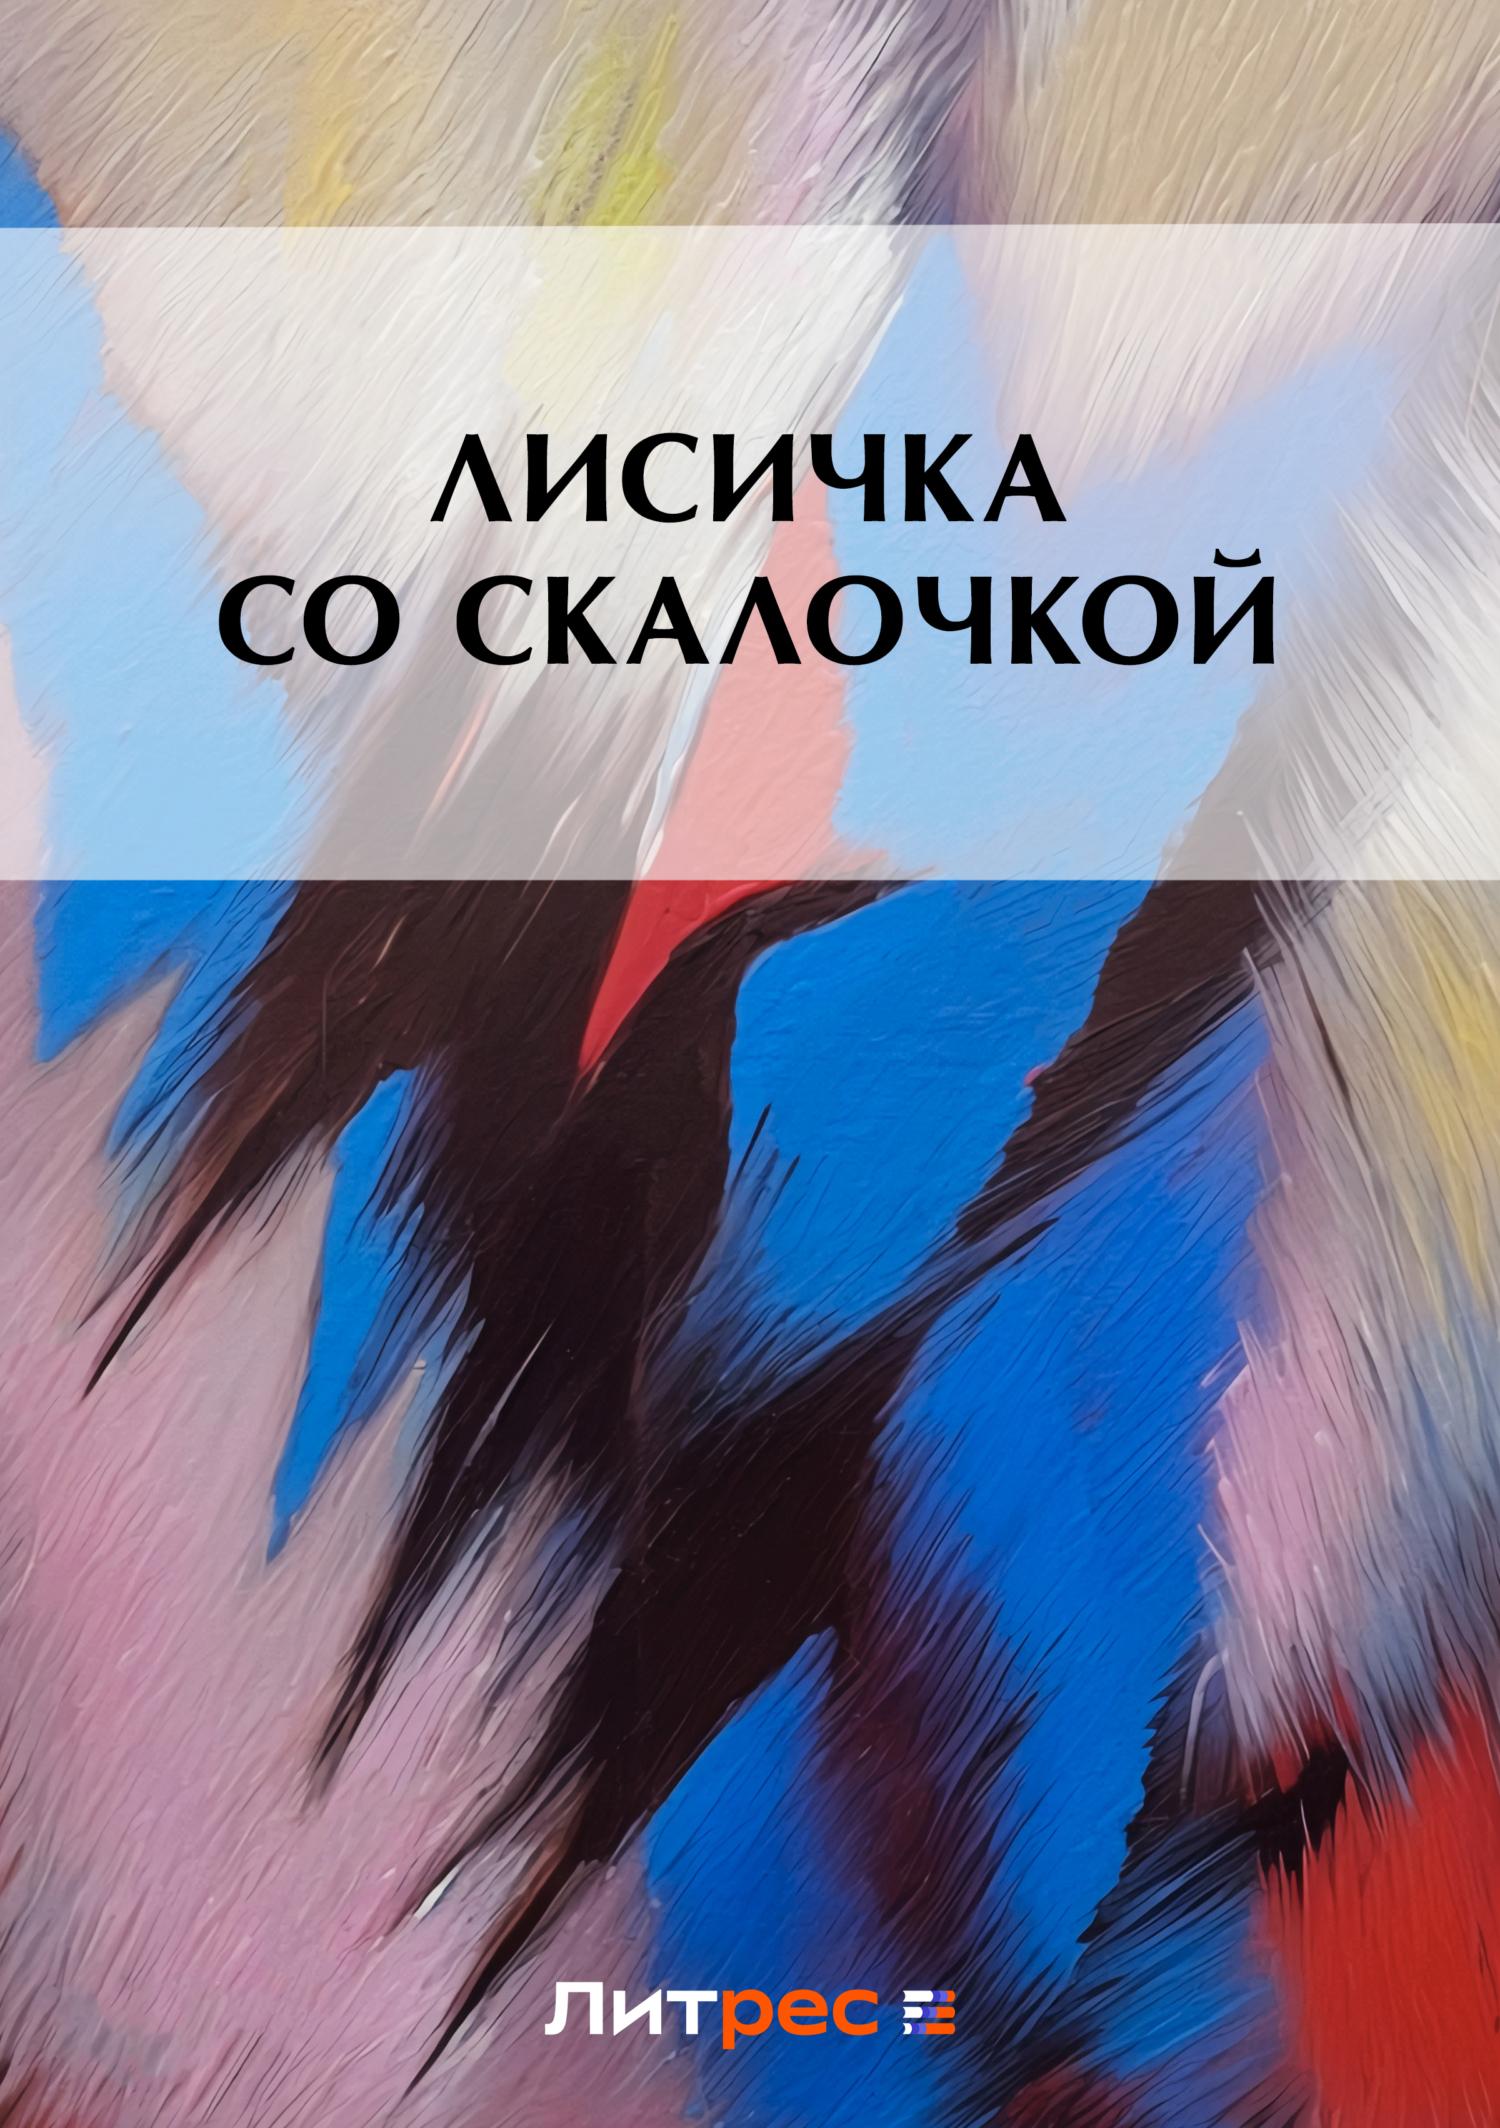 Народное творчество Лисичка со скалочкой жукова олеся станиславовна игры со сказками лисичка со скалочкой 4 6л